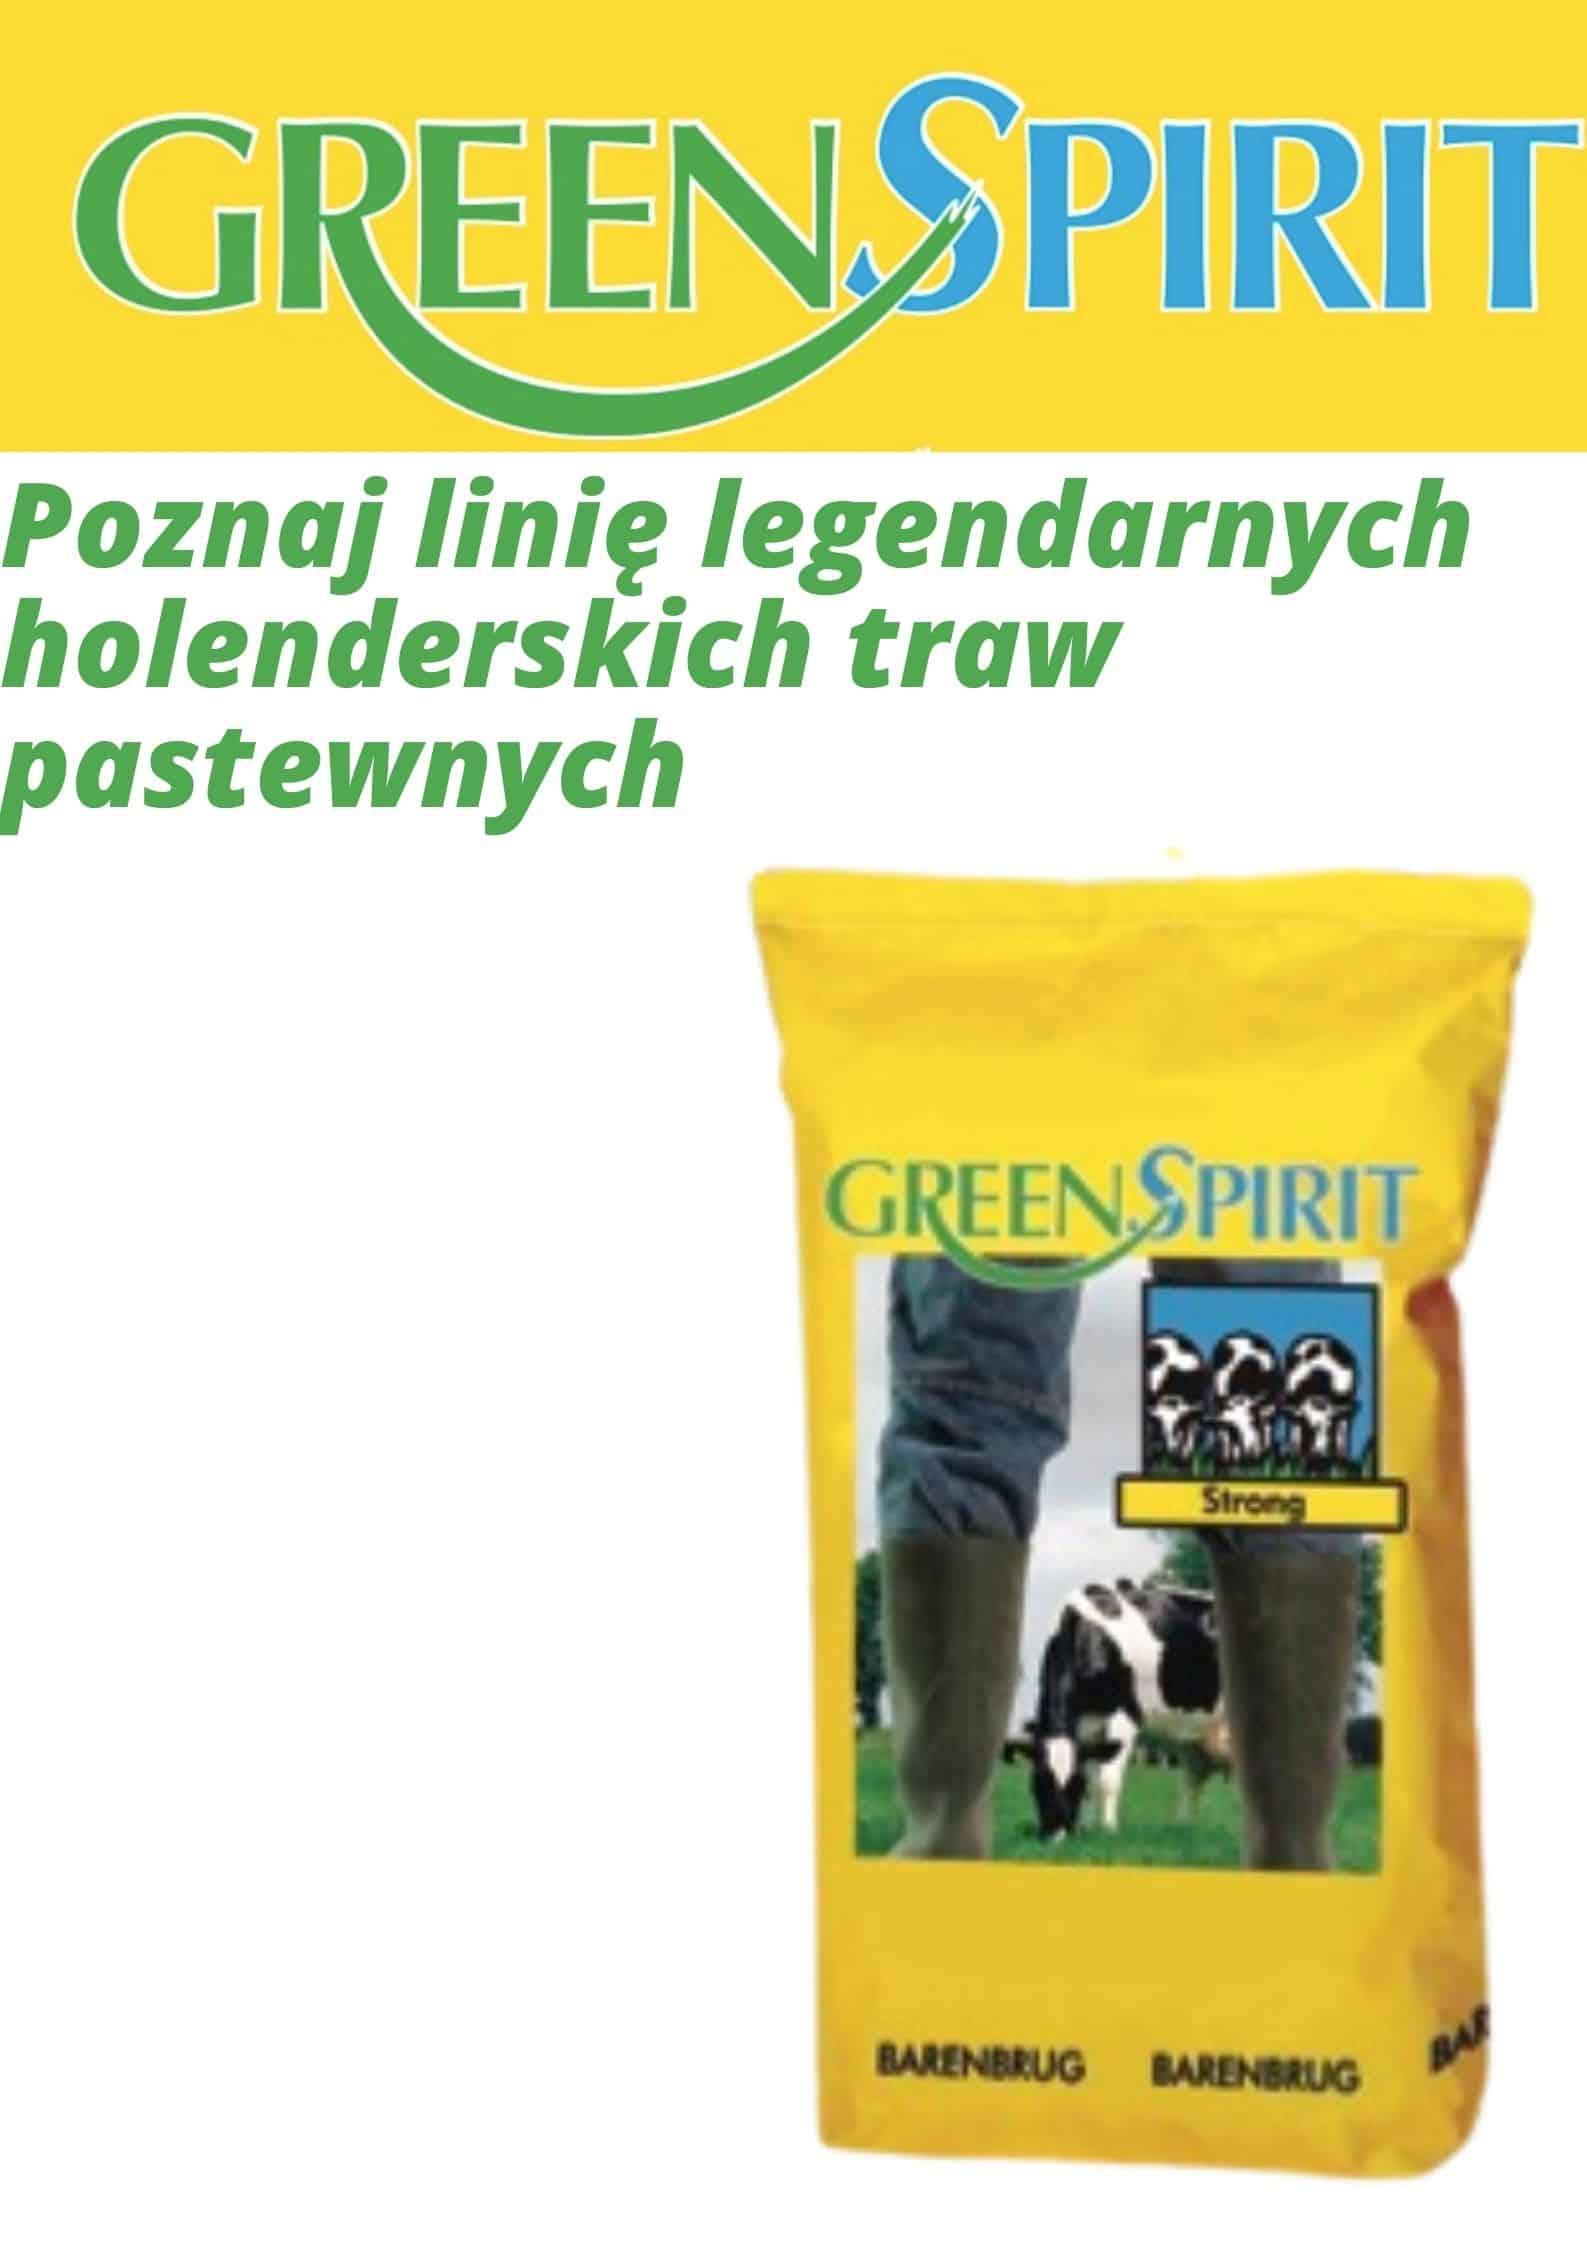 Poznaj linię legendarnych holenderskich traw pastewnych